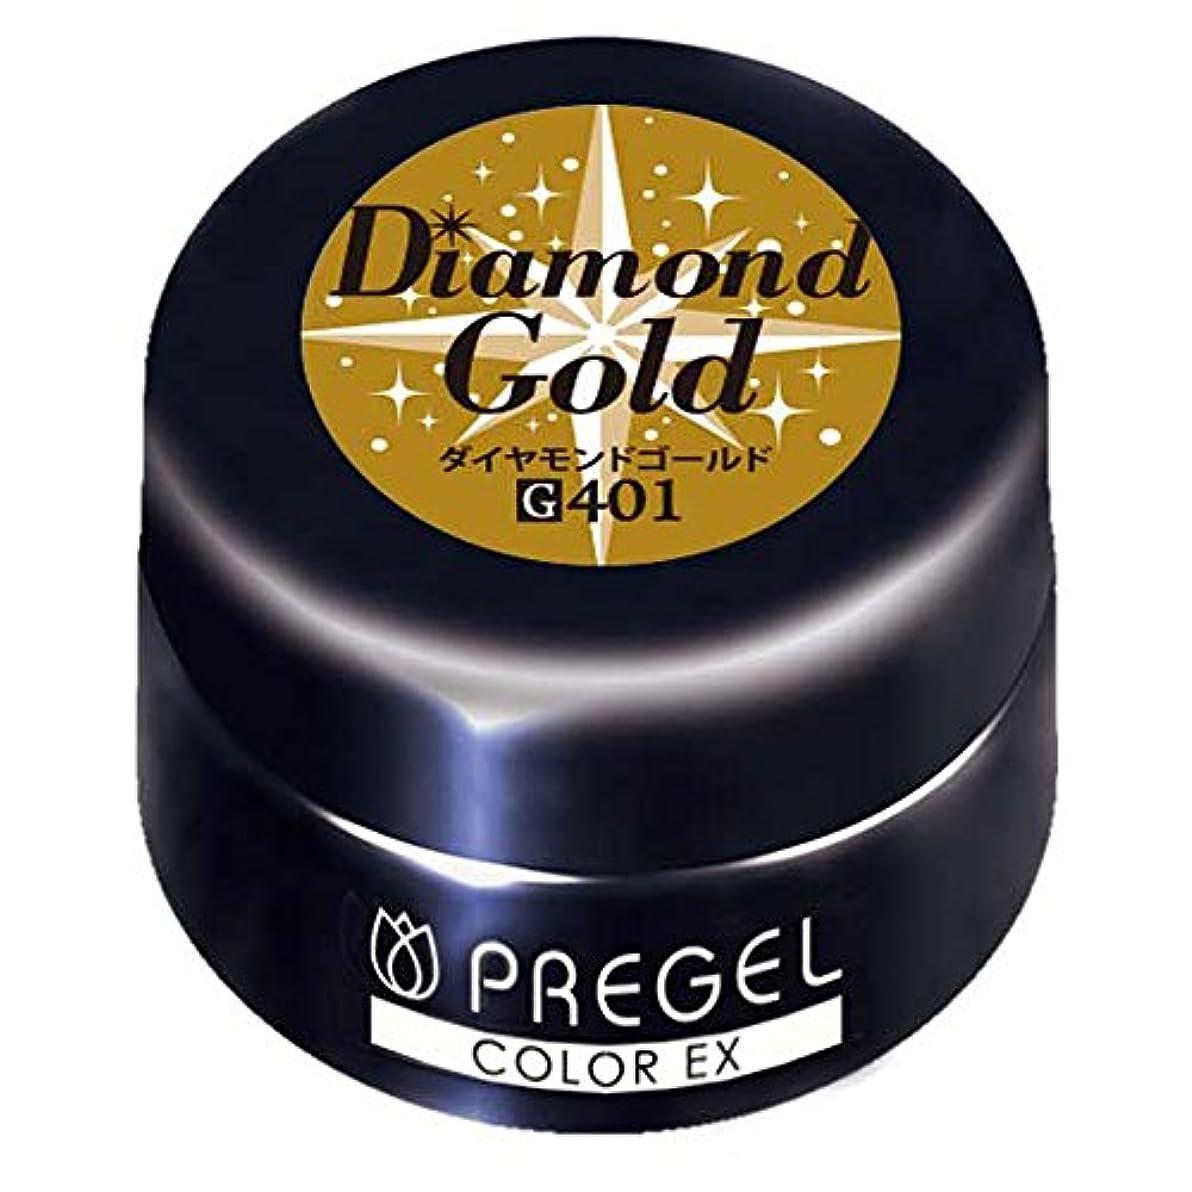 選出する広大な弱めるPRE GEL カラーEX ダイヤモンドゴールドCE401 UV/LED対応 カラージェル